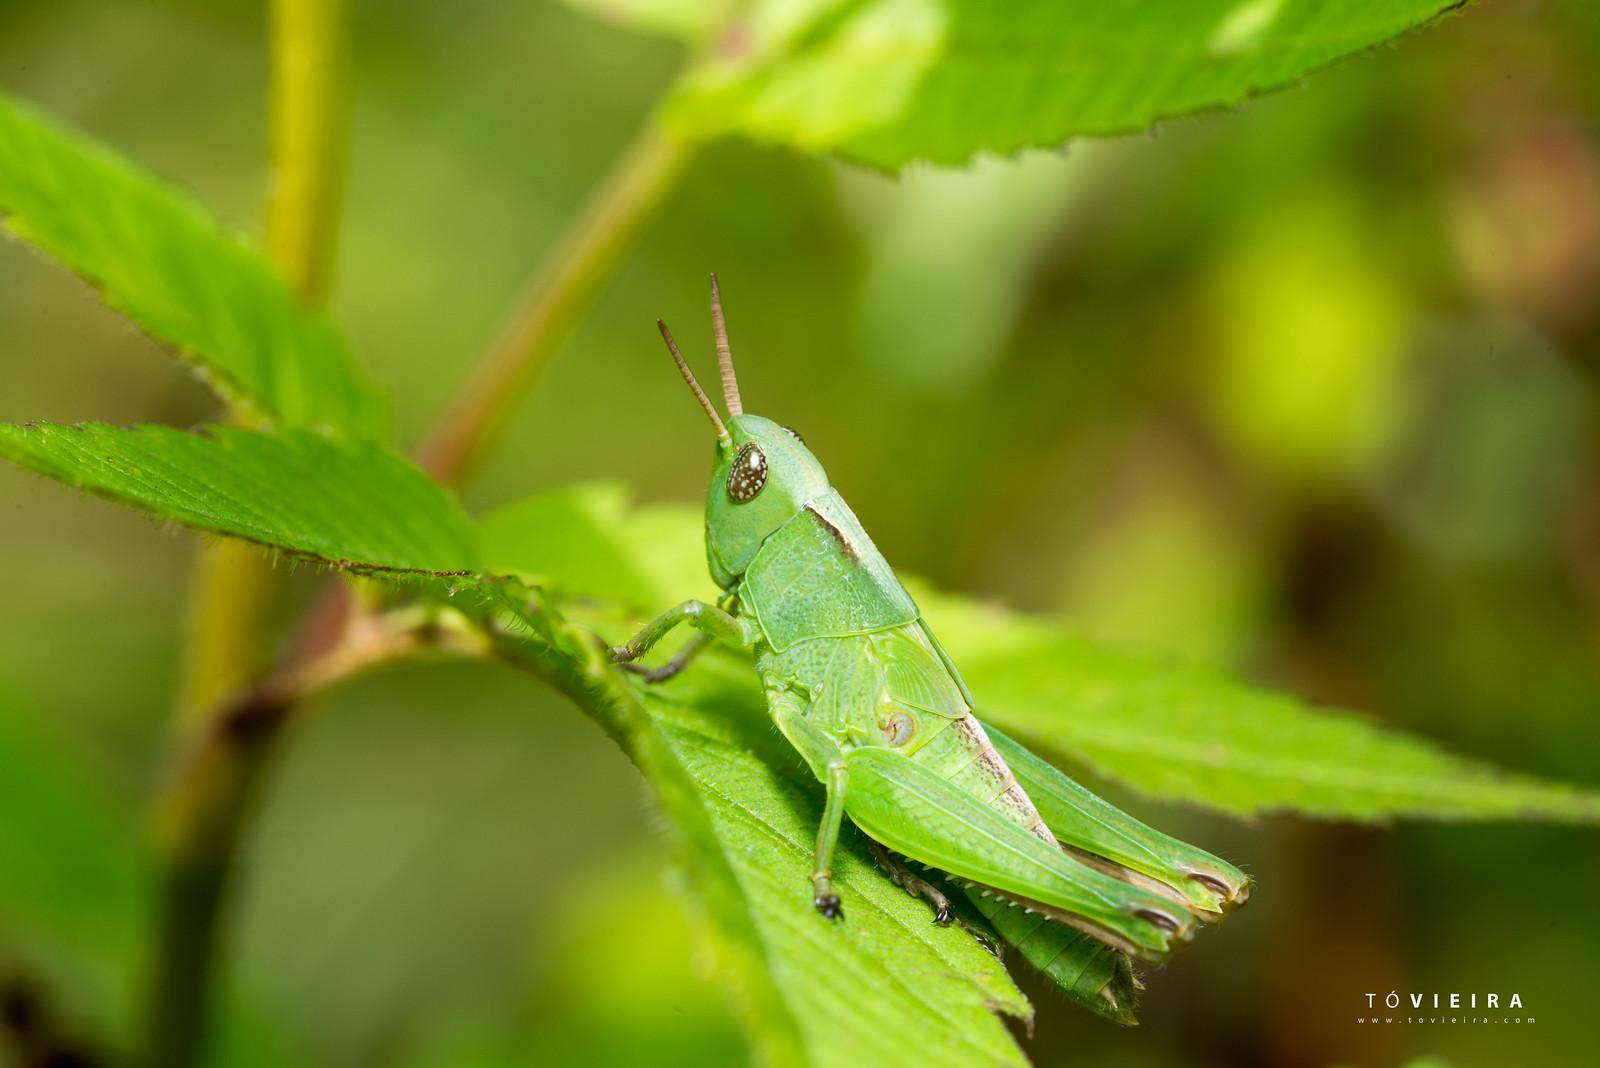 Membracídeo (como são conhecidos os insetos da família Membracidae)